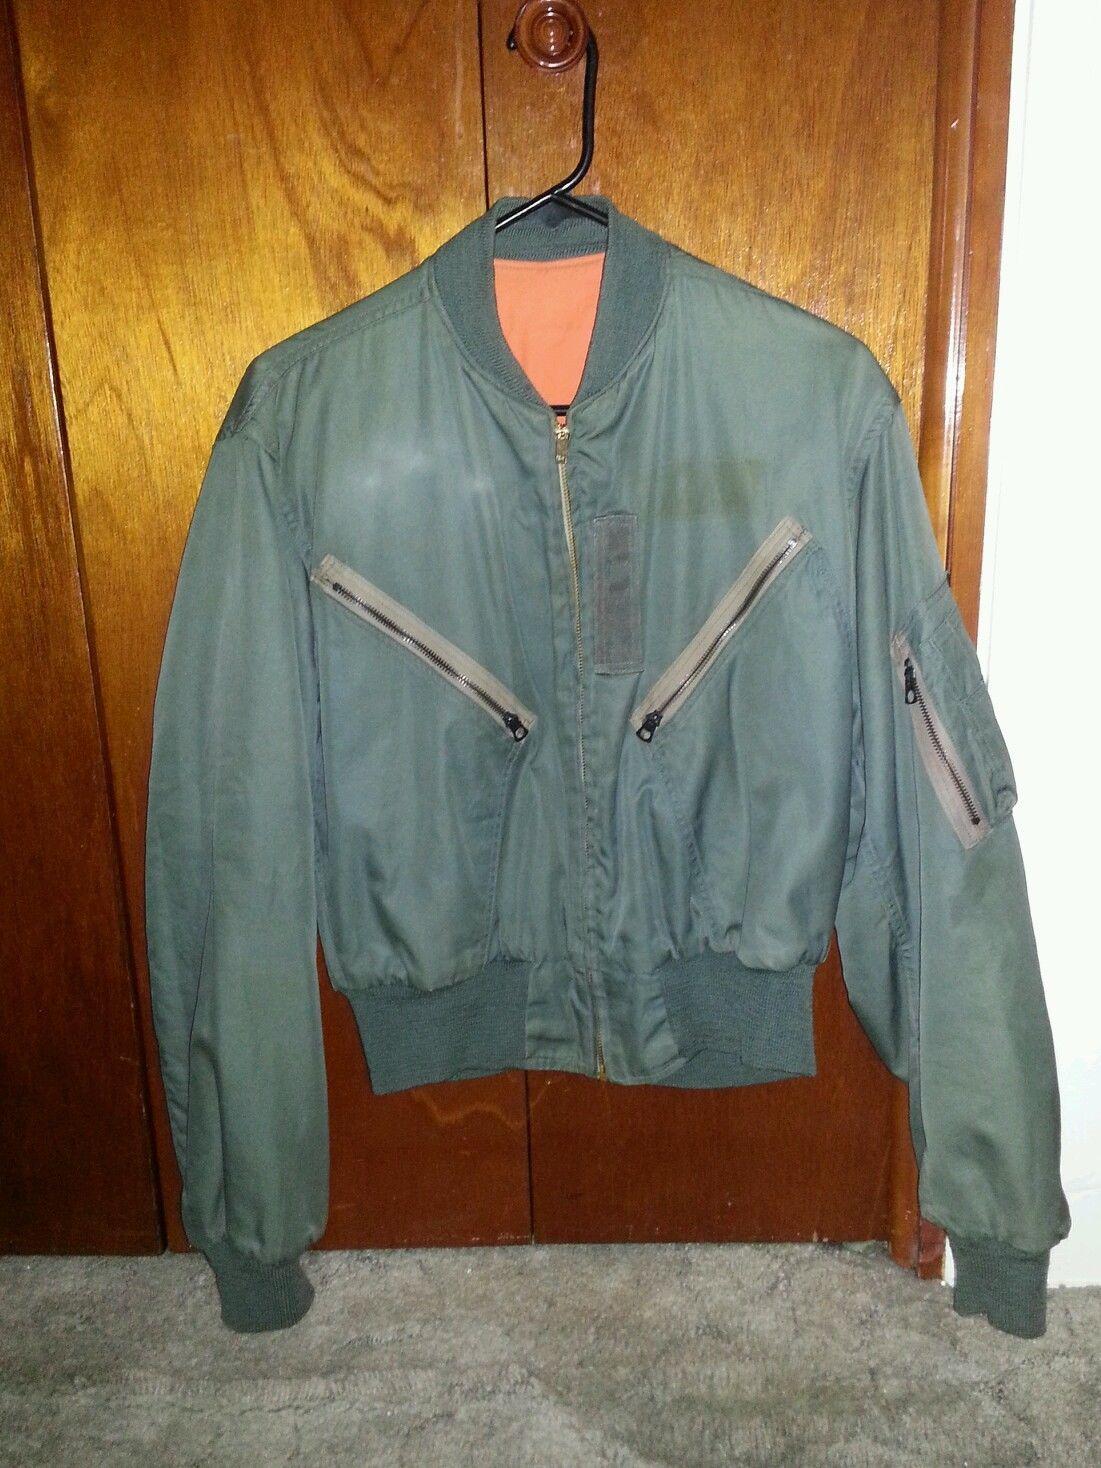 Jacket2a.jpg